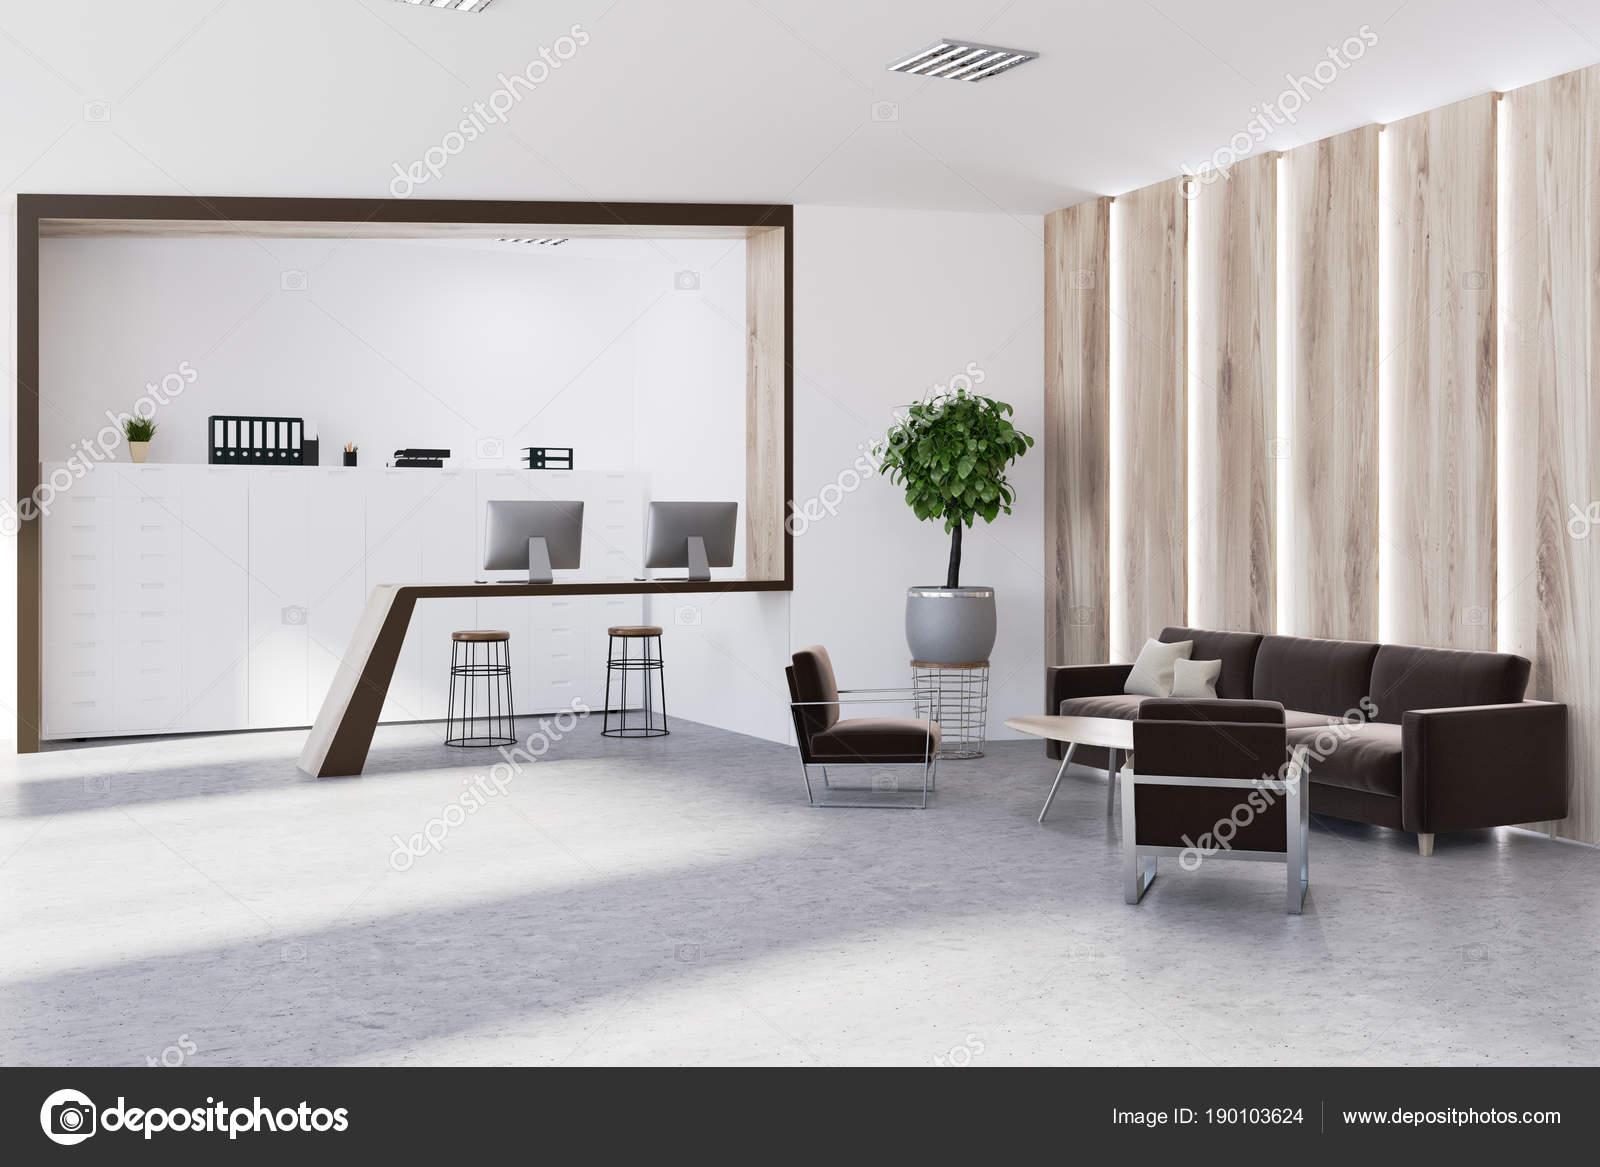 Ufficio Legno Bianco : Bianco e legno ufficio sala dattesa reception u2014 foto stock